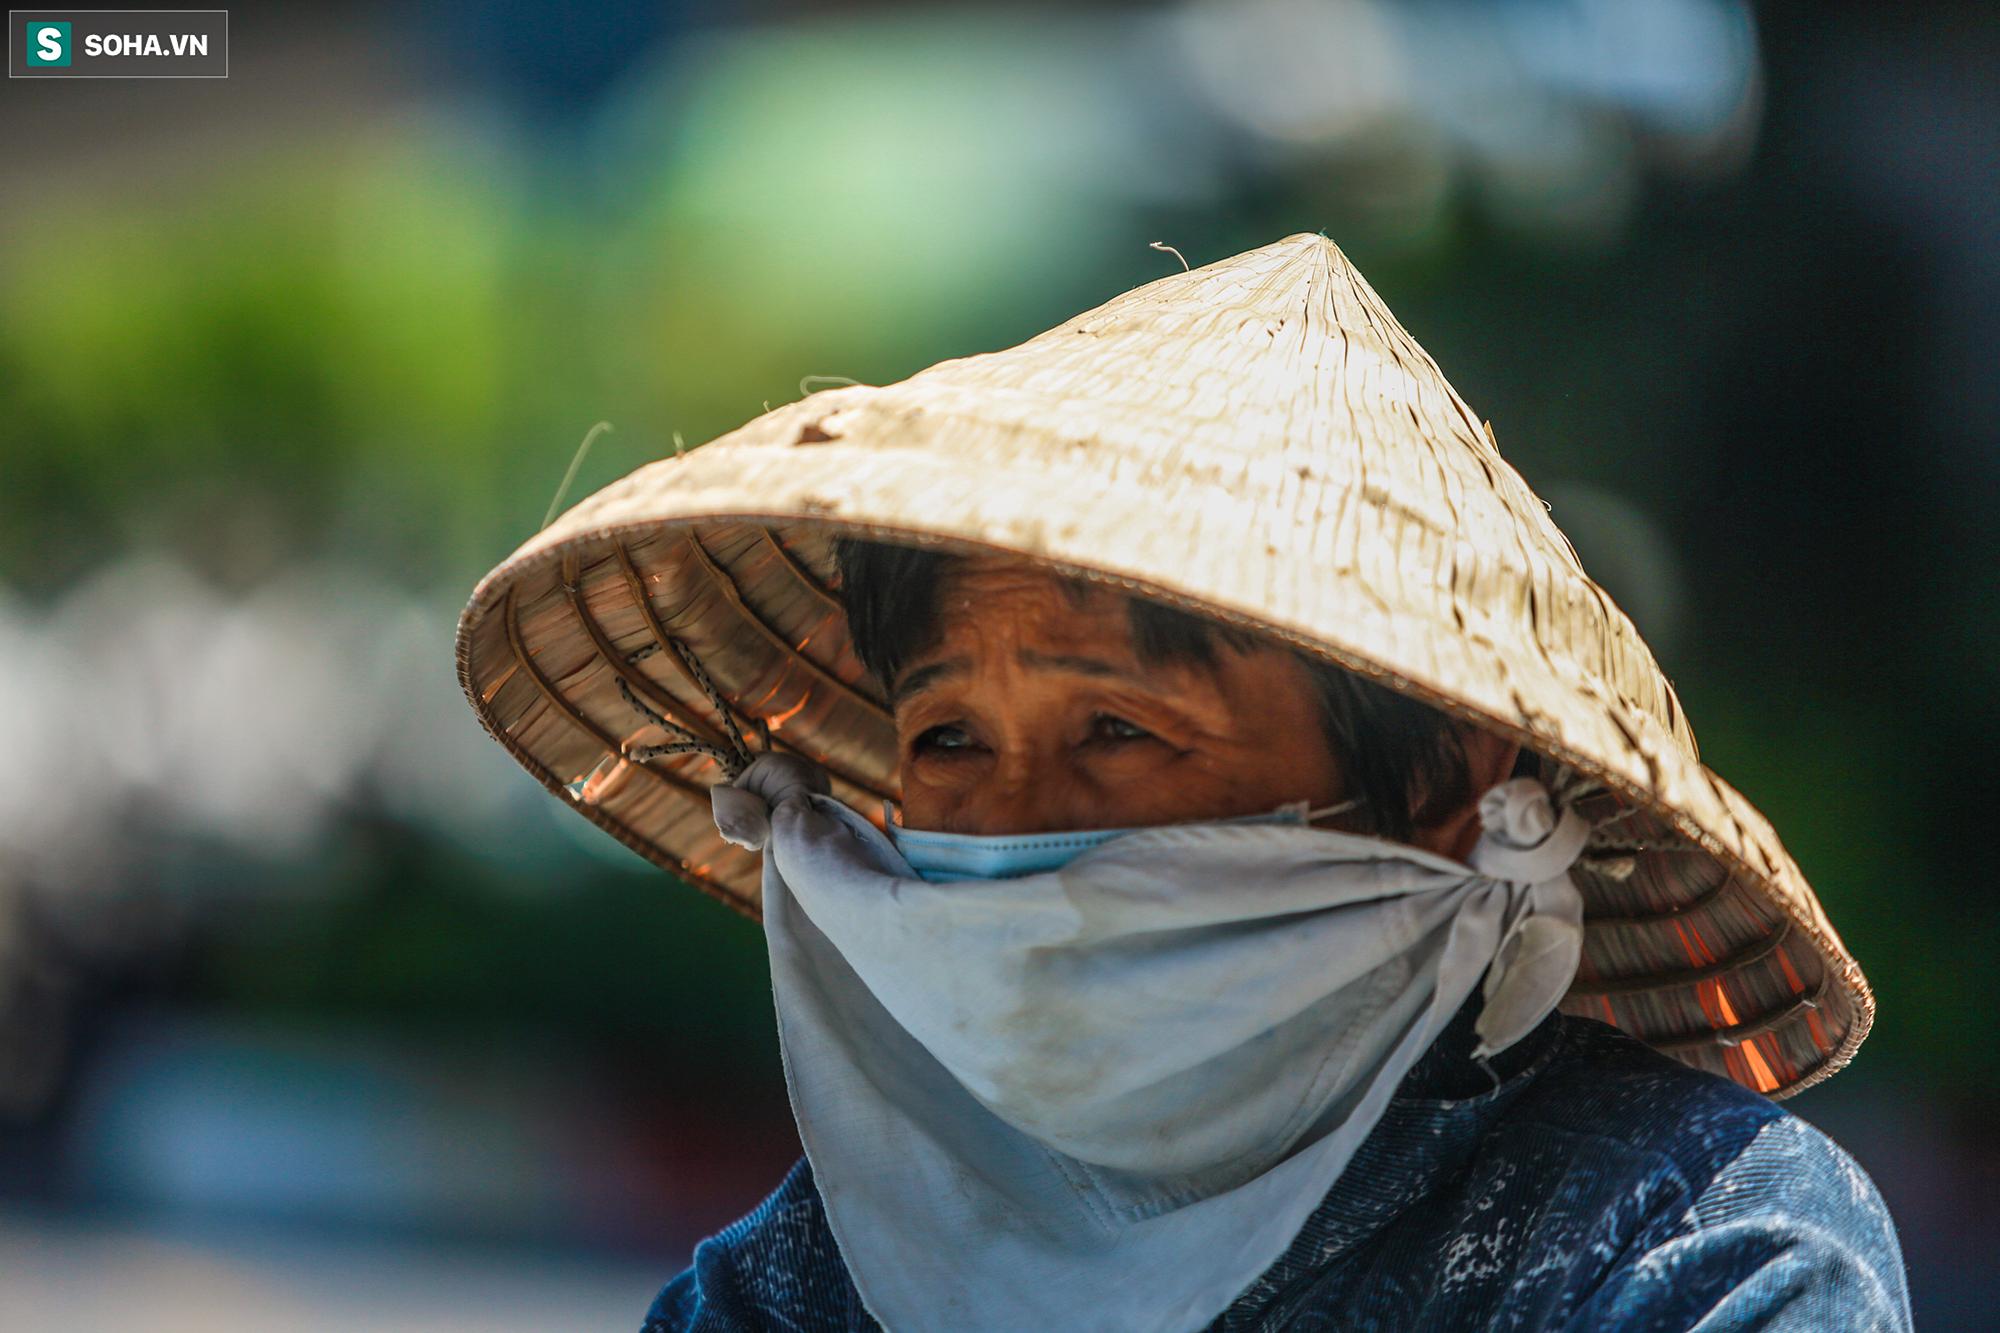 [ẢNH] Đường Sài Gòn nóng như thiêu, người dân vật vã tránh nóng ở góc cây, gầm cầu - Ảnh 7.